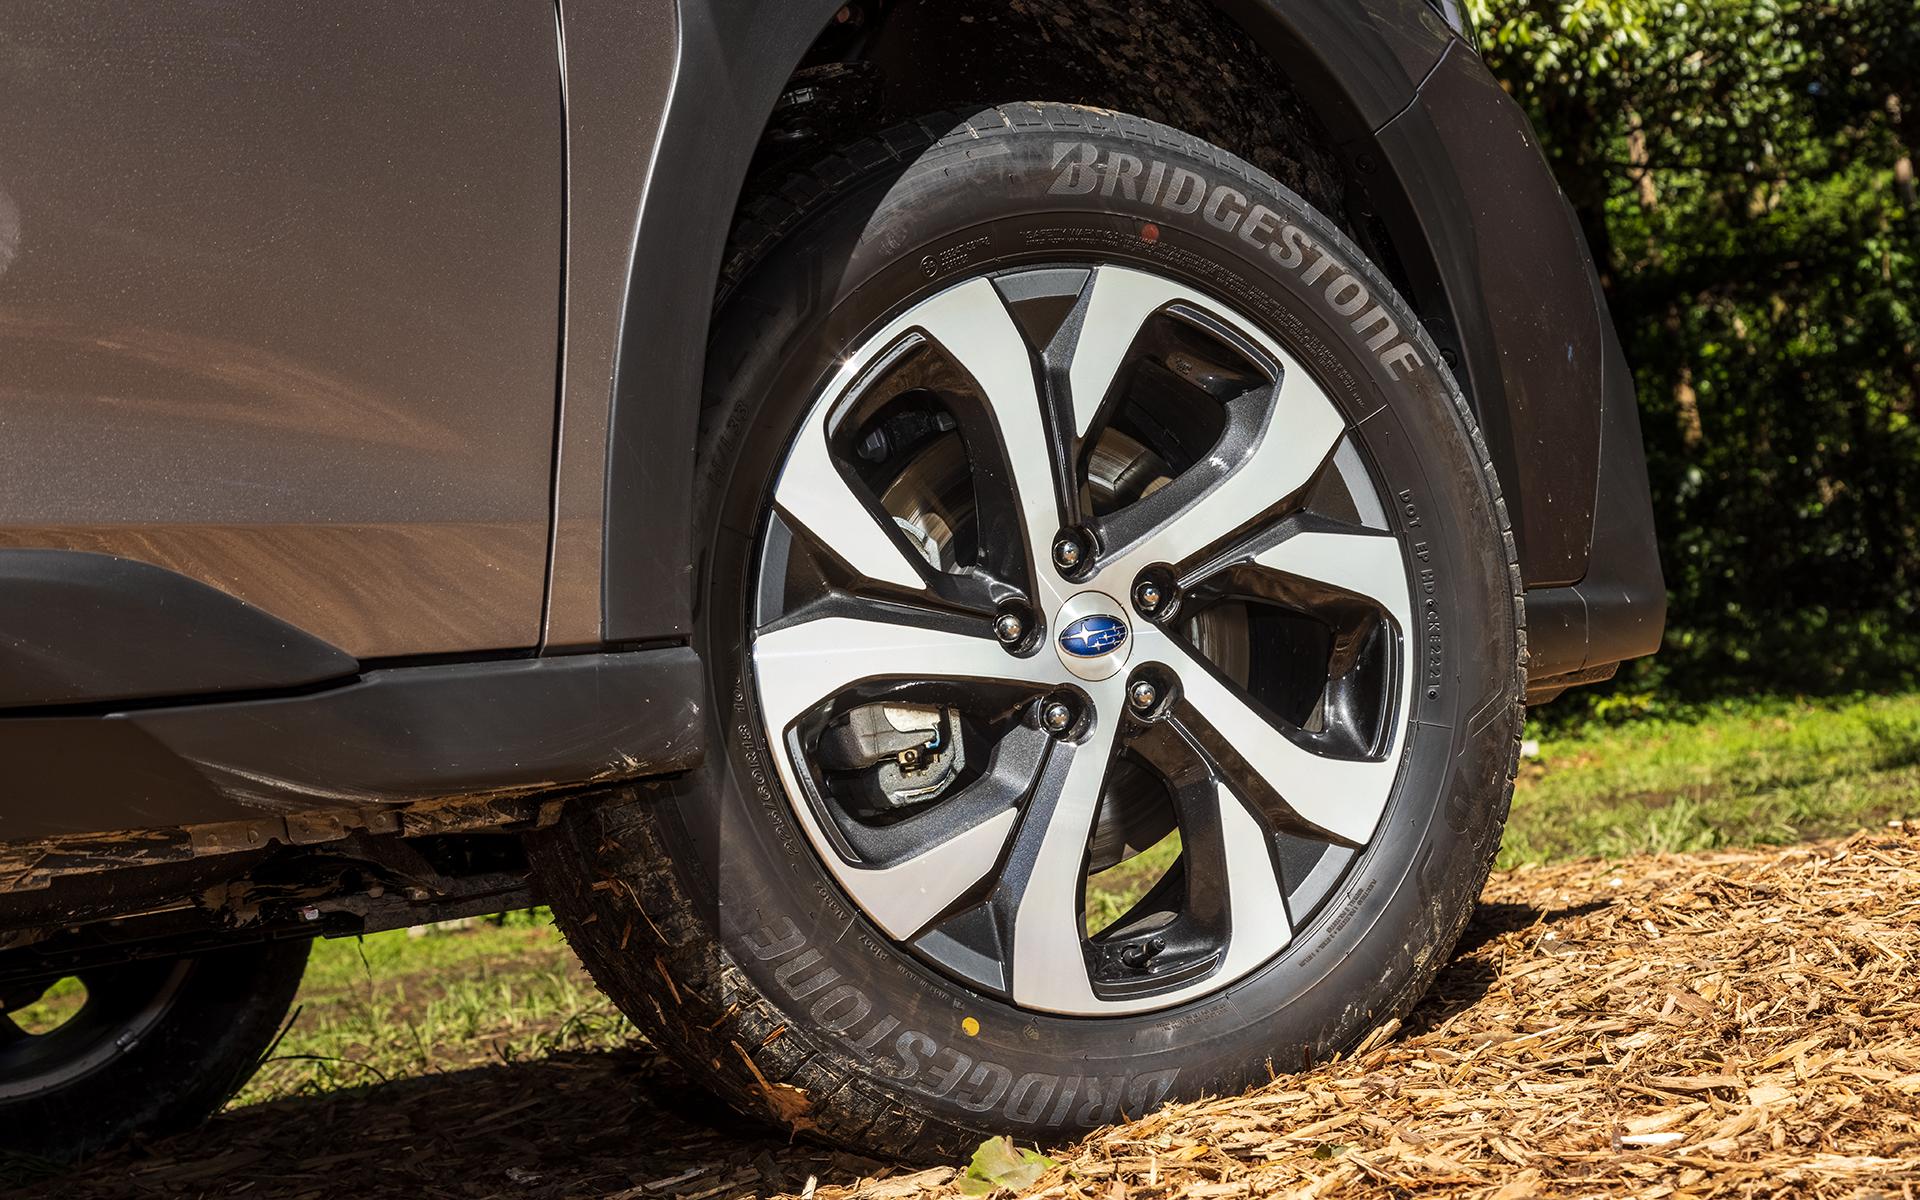 タイヤサイズは225/60R18。標準装備となるアルミホイールはダークメタリック塗装と切削光輝の組み合わせ